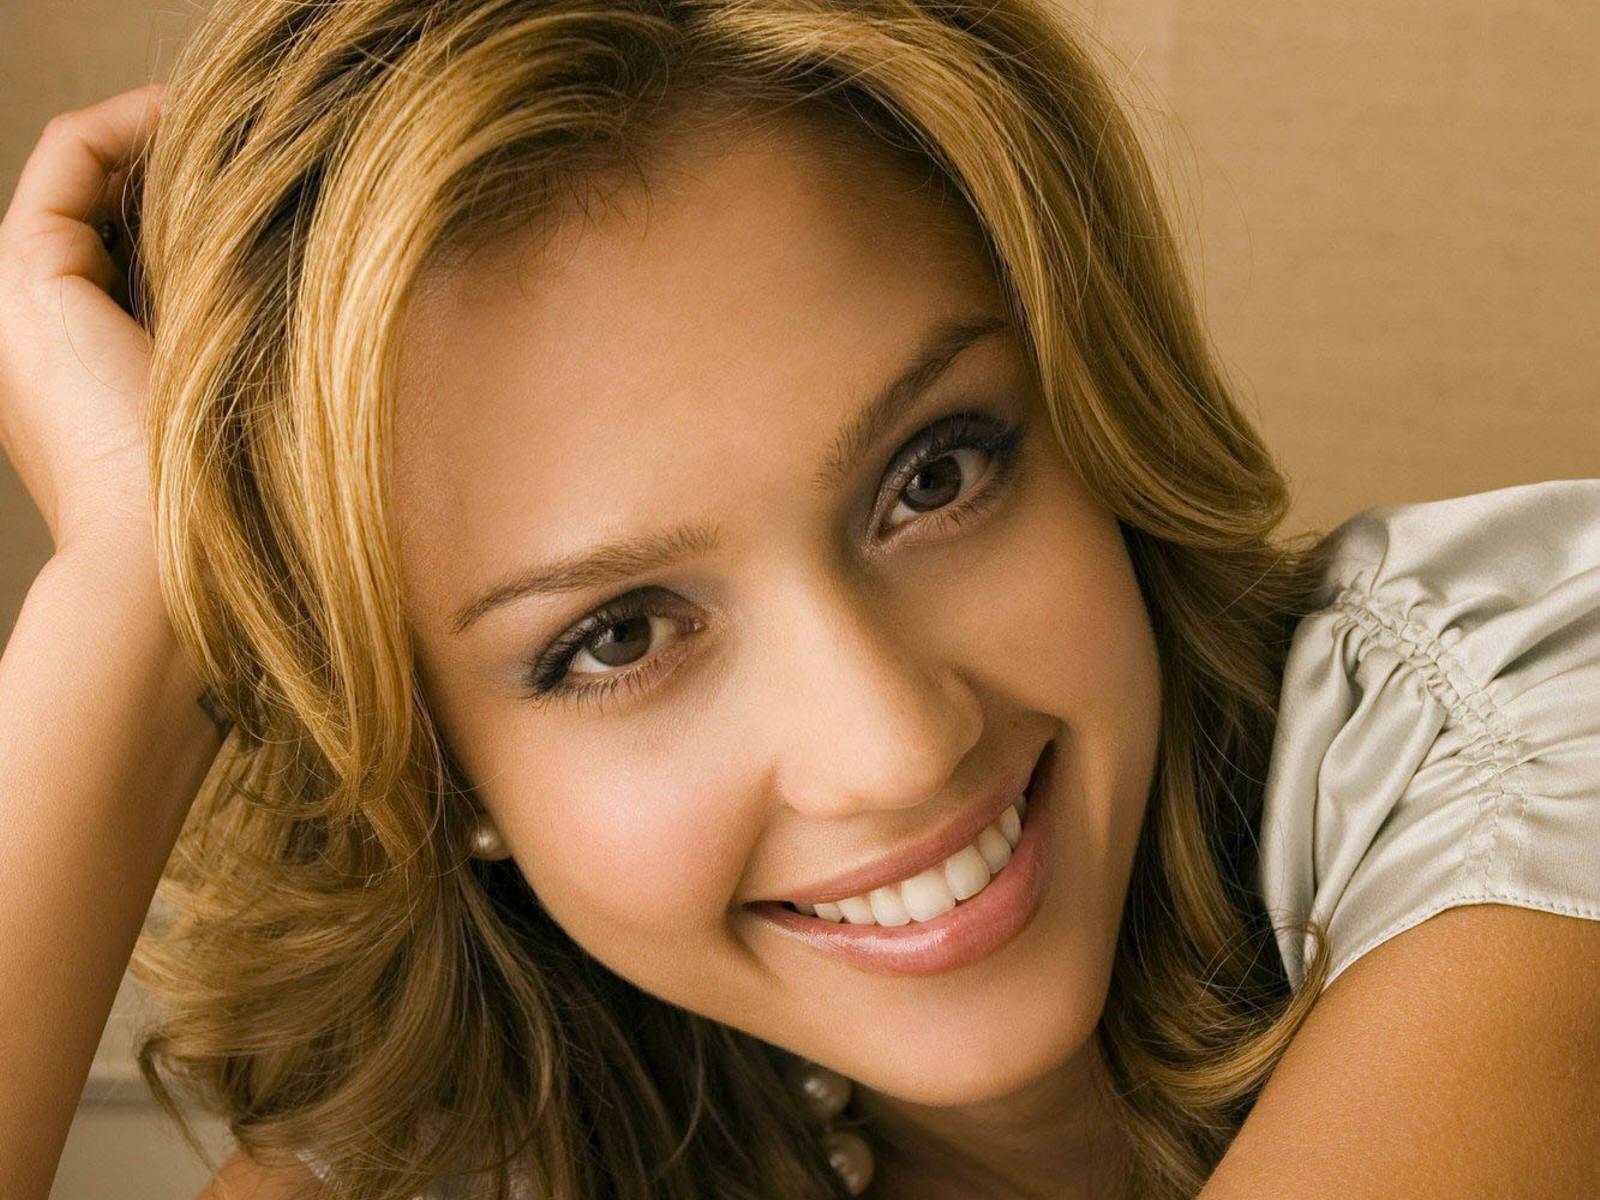 http://3.bp.blogspot.com/_NNd6yIn1VD4/TUPkkvMCKyI/AAAAAAAAAuY/VnpQRFsugLM/s1600/jessica-alba-smile.jpg